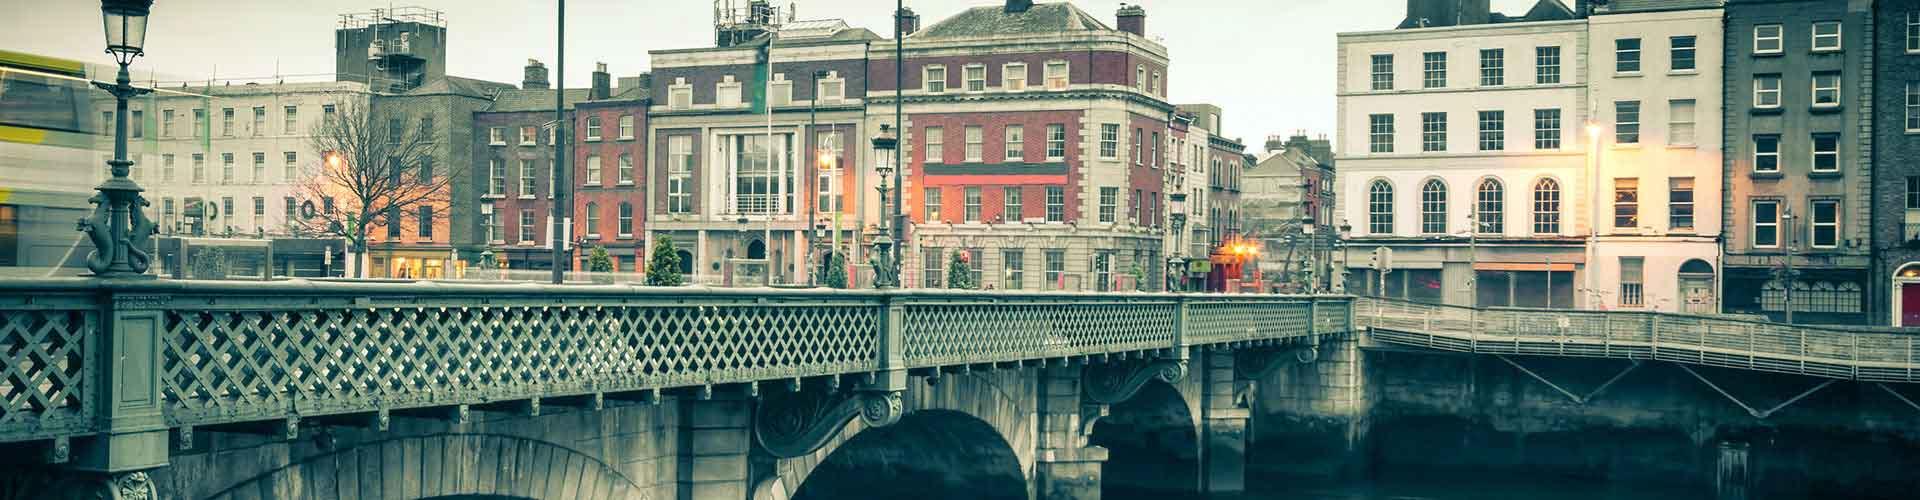 Dublin - Hôtels dans le quartier de Northside. Cartes pour Dublin, photos et commentaires pour chaque hôtel à Dublin.